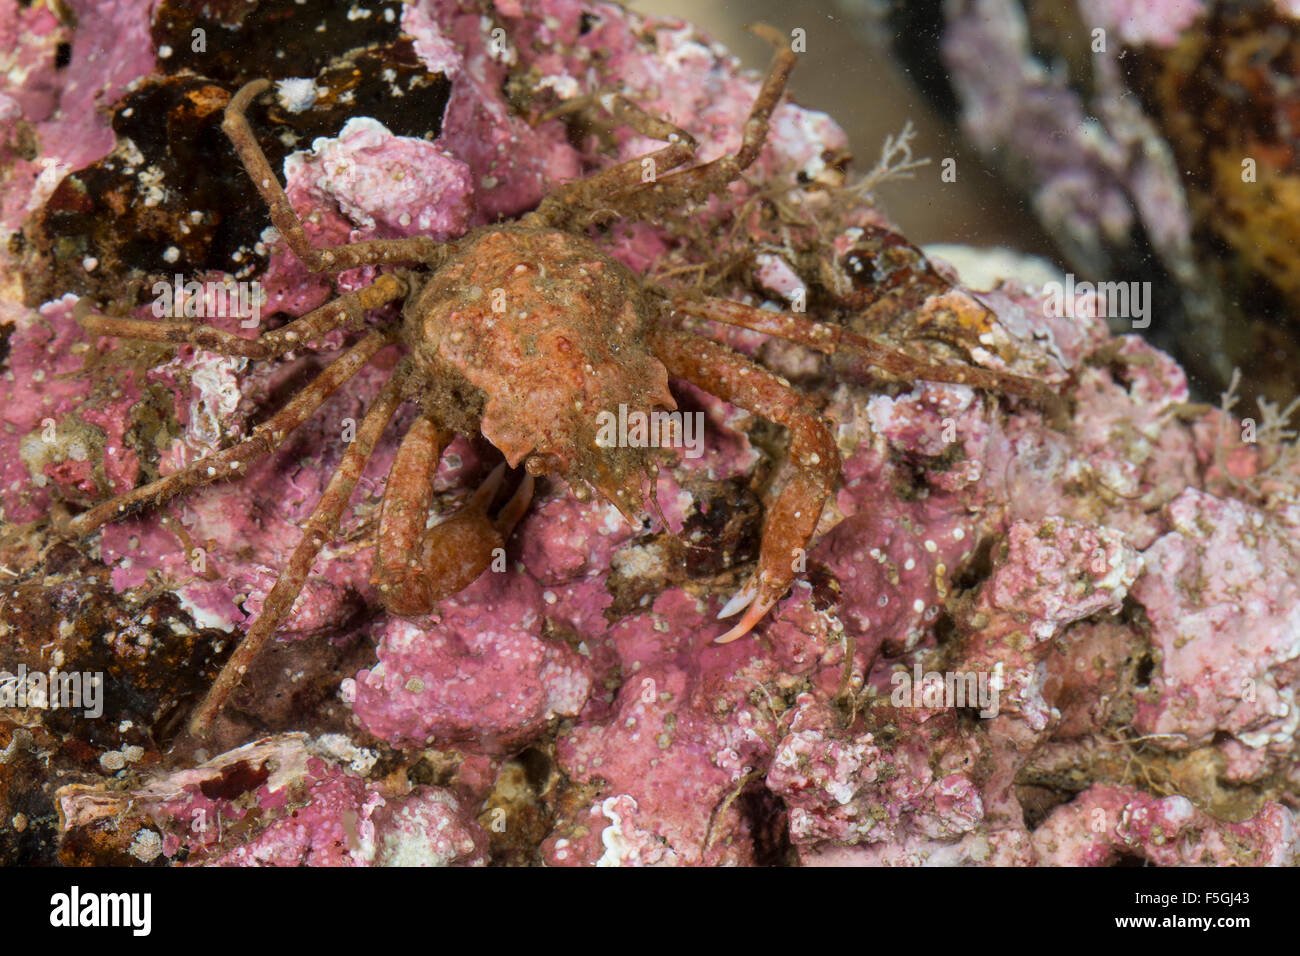 Contracted crab, Arctic lyre crab, Spider crab, Geigenkastenseespinne, Geigenkasten-Seespinne, Hyas coarctatus, - Stock Image